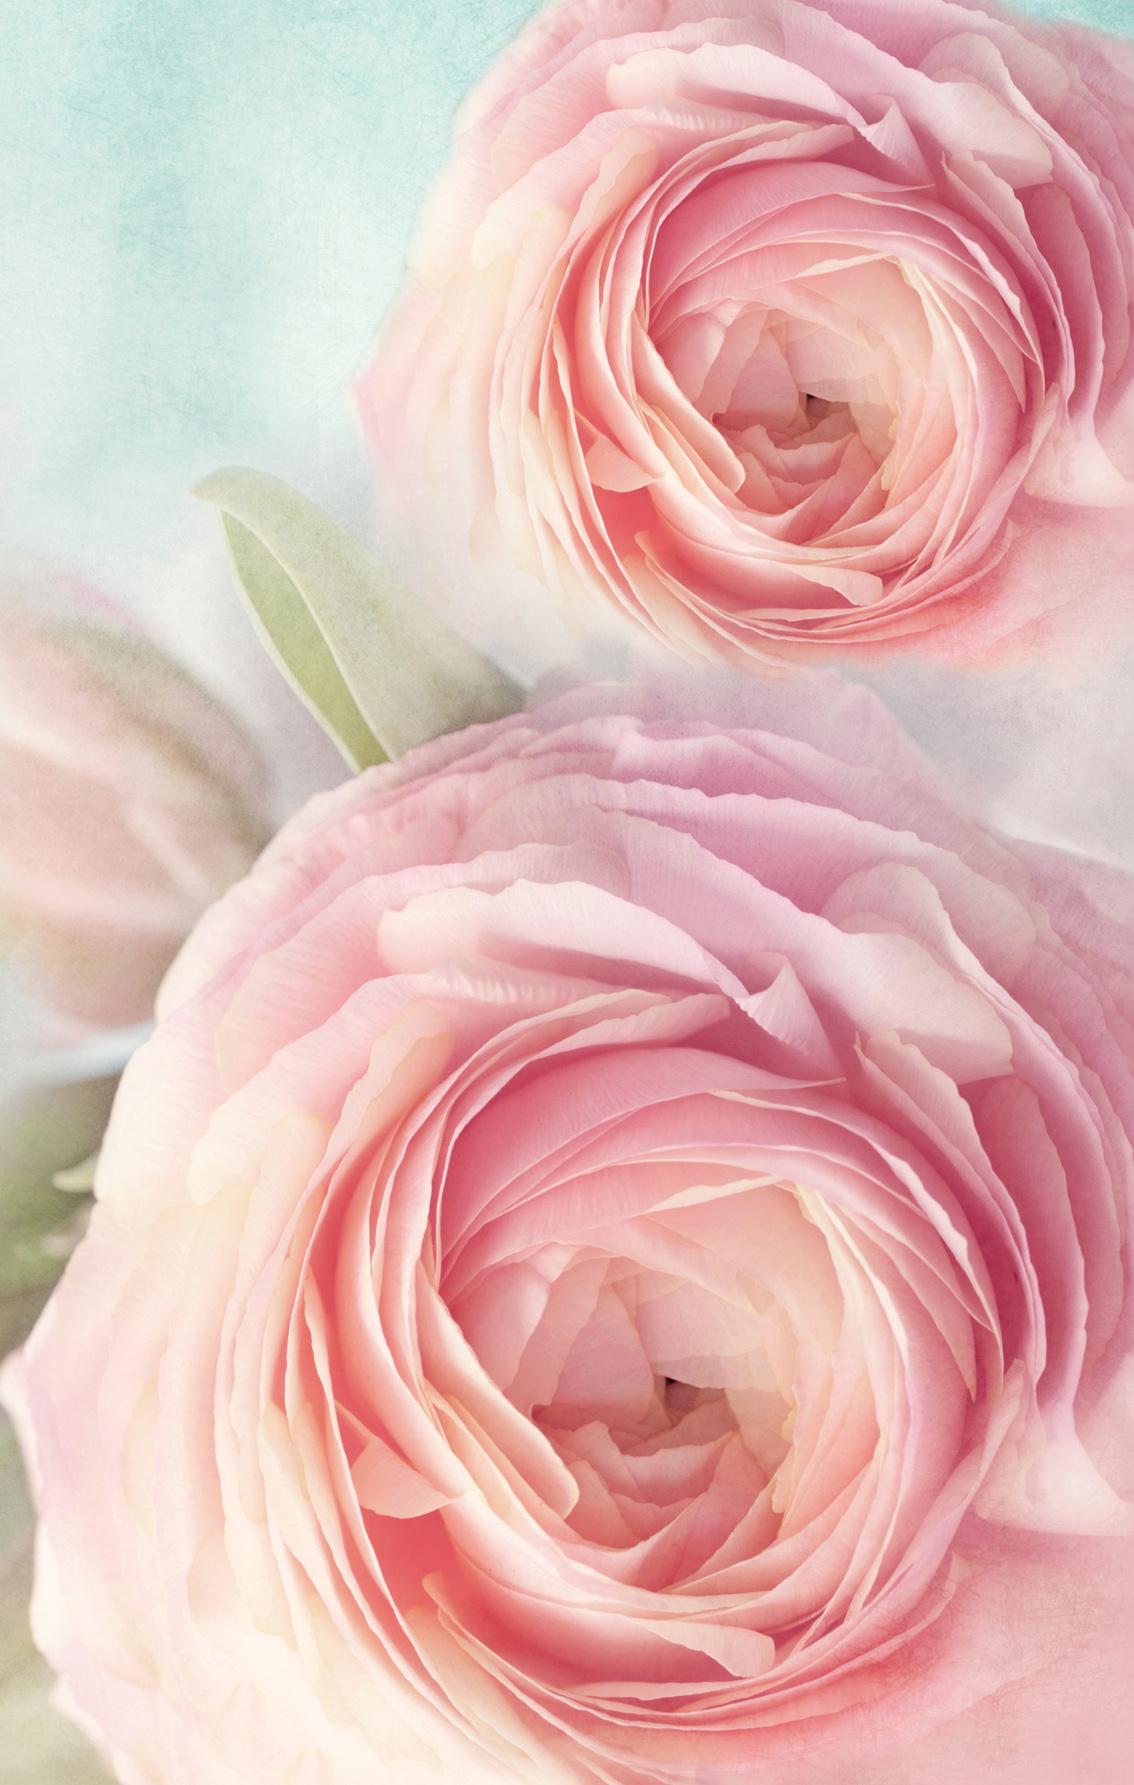 Блокнот. Розы эффективный дели 100 00 393 г контактный цилиндра